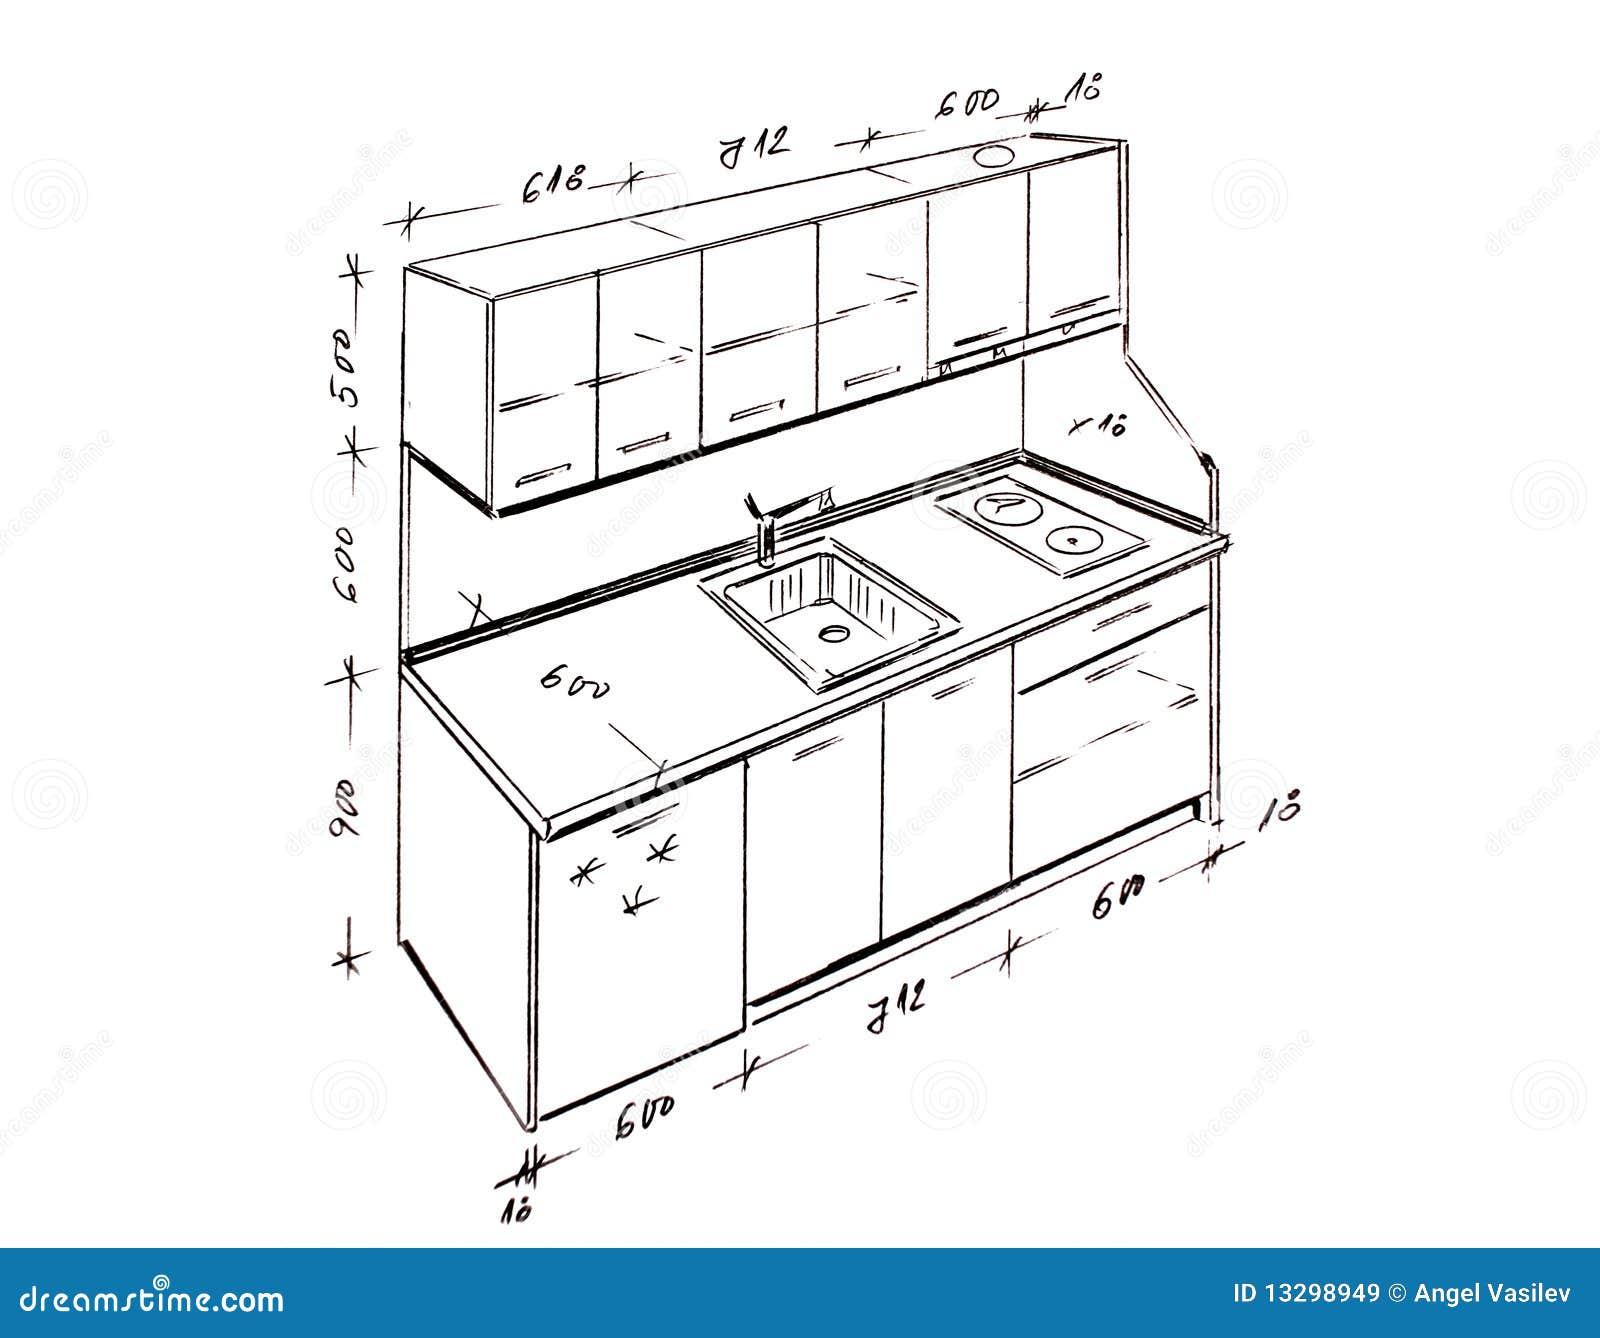 Free: Desenho moderno da carta branca da cozinha do projeto interior #85A724 1300 1104